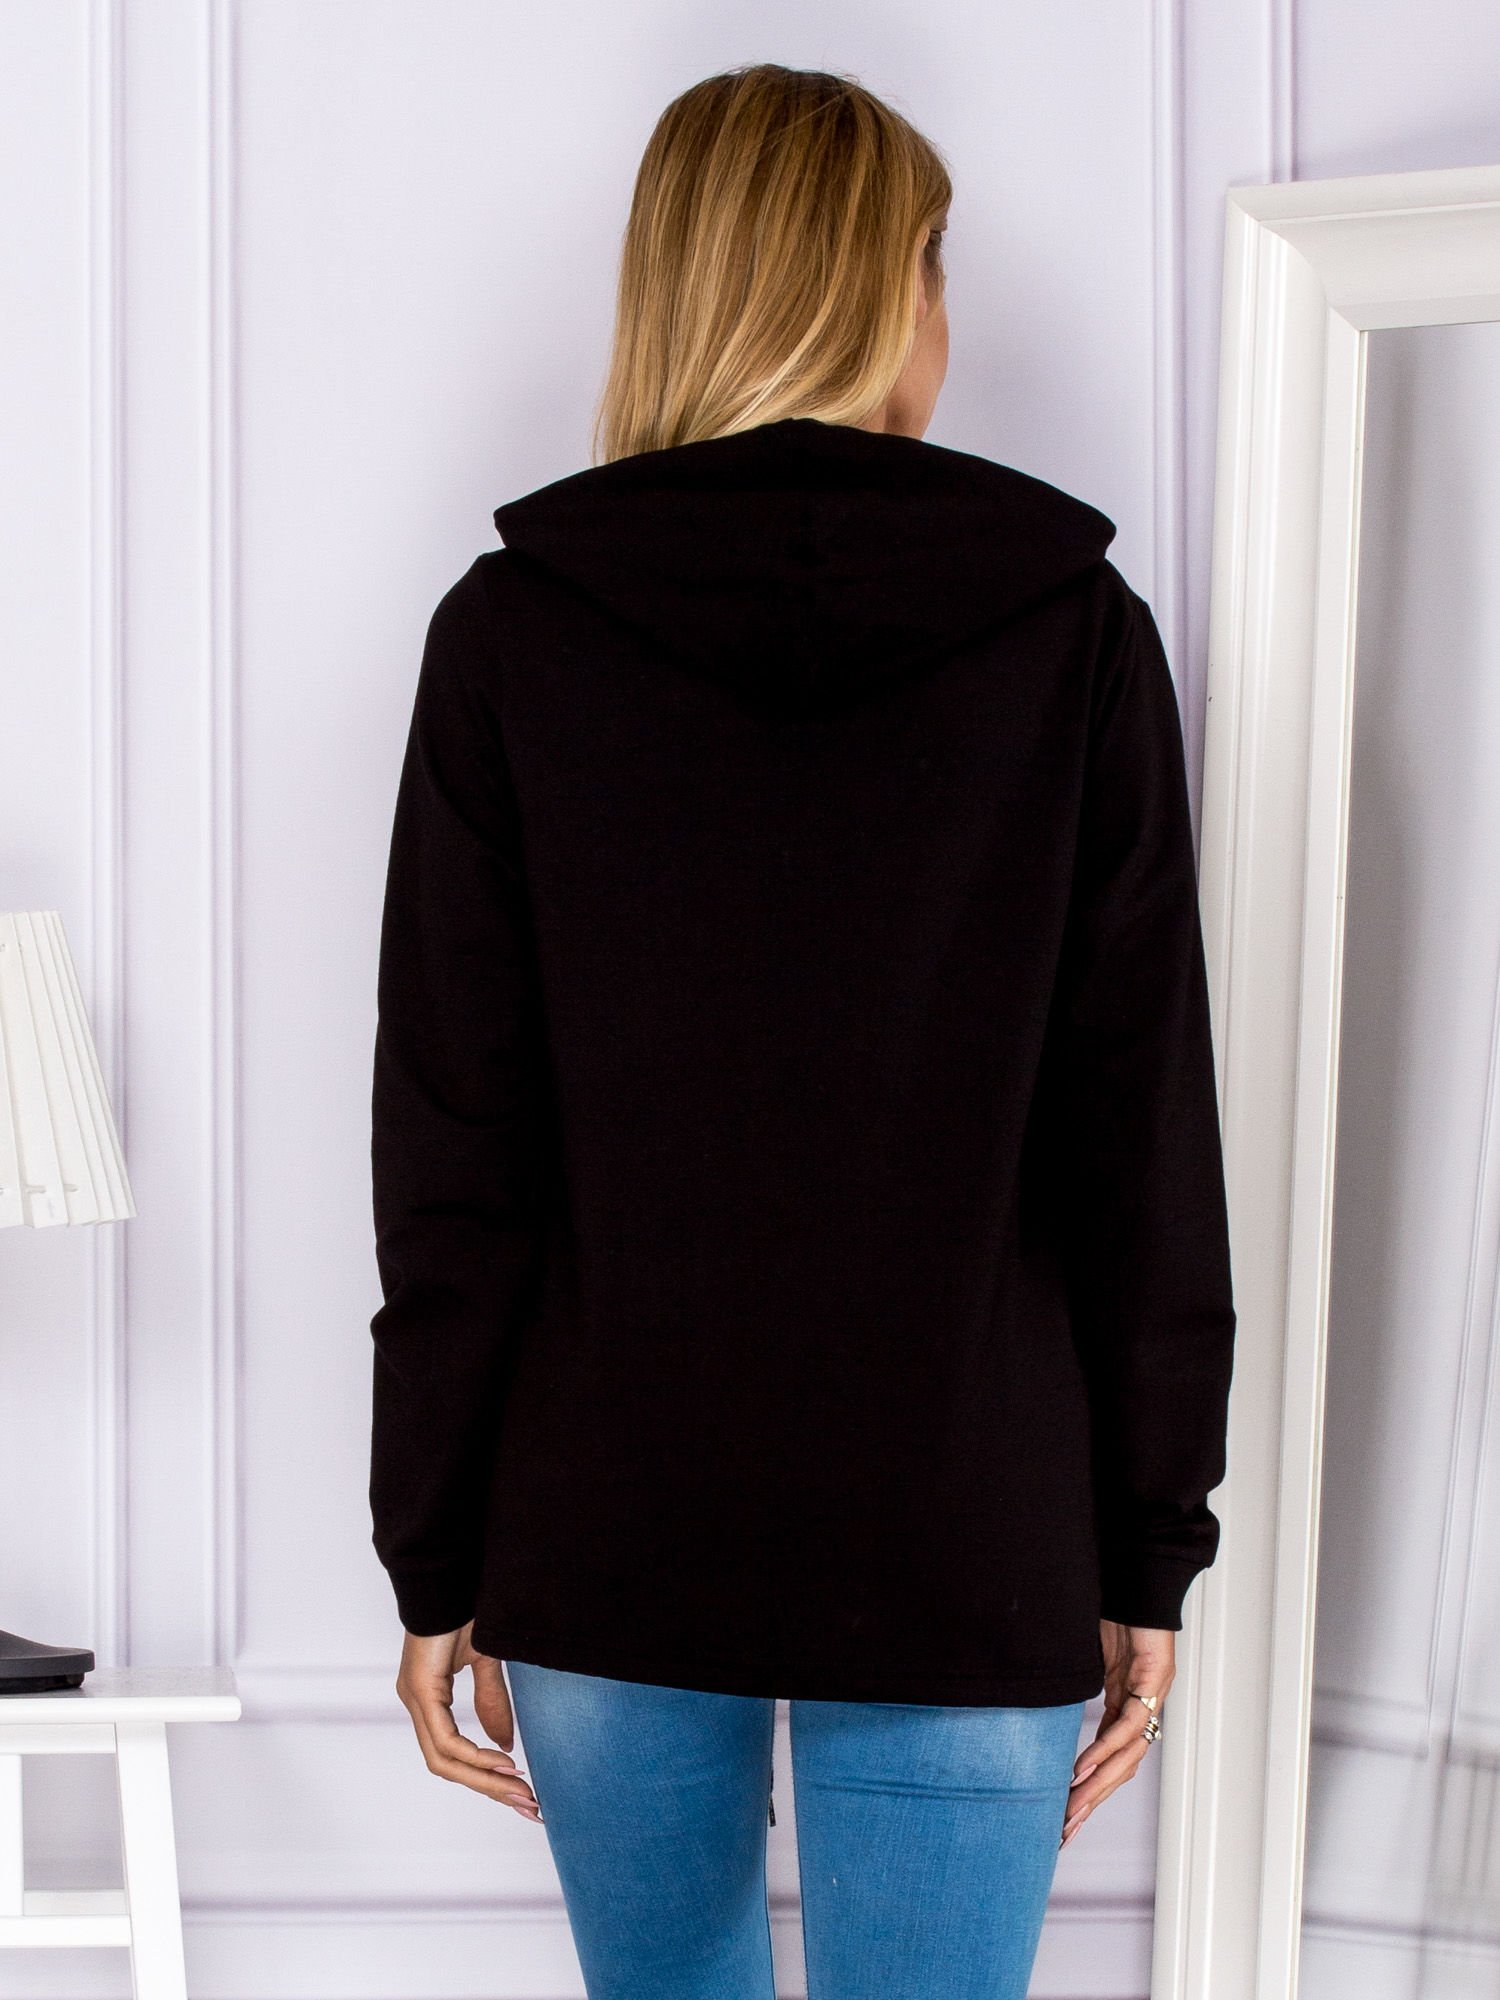 303b41bd1d160 Czarna bluza z kapturem i troczkami - Bluza plus size - sklep eButik.pl